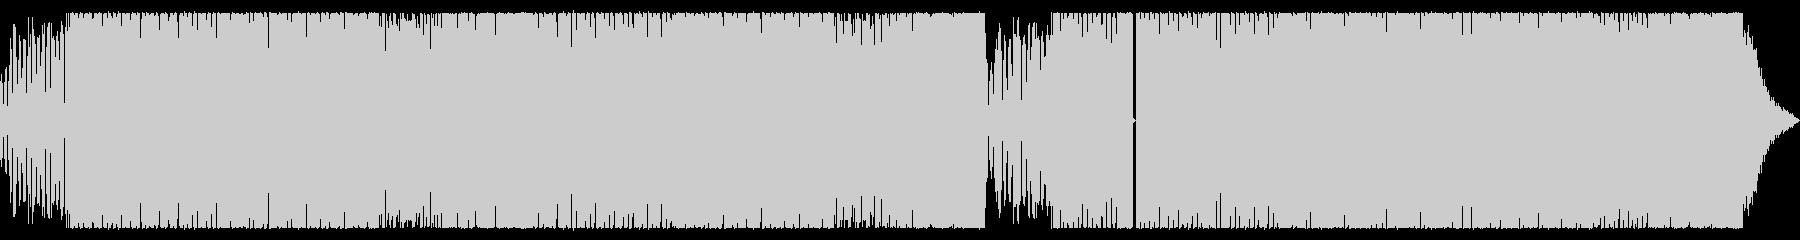 攻撃的なベースのかっこいいEDMサウンドの未再生の波形